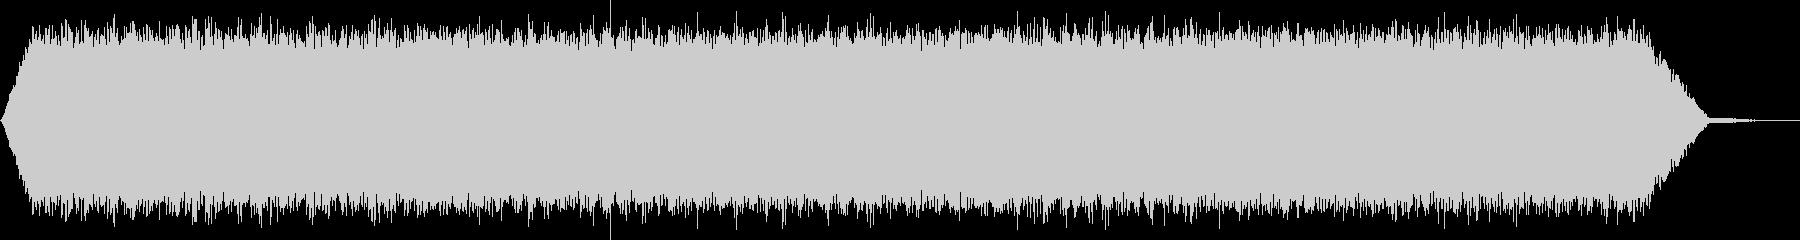 【アンビエント】ドローン_33 実験音の未再生の波形